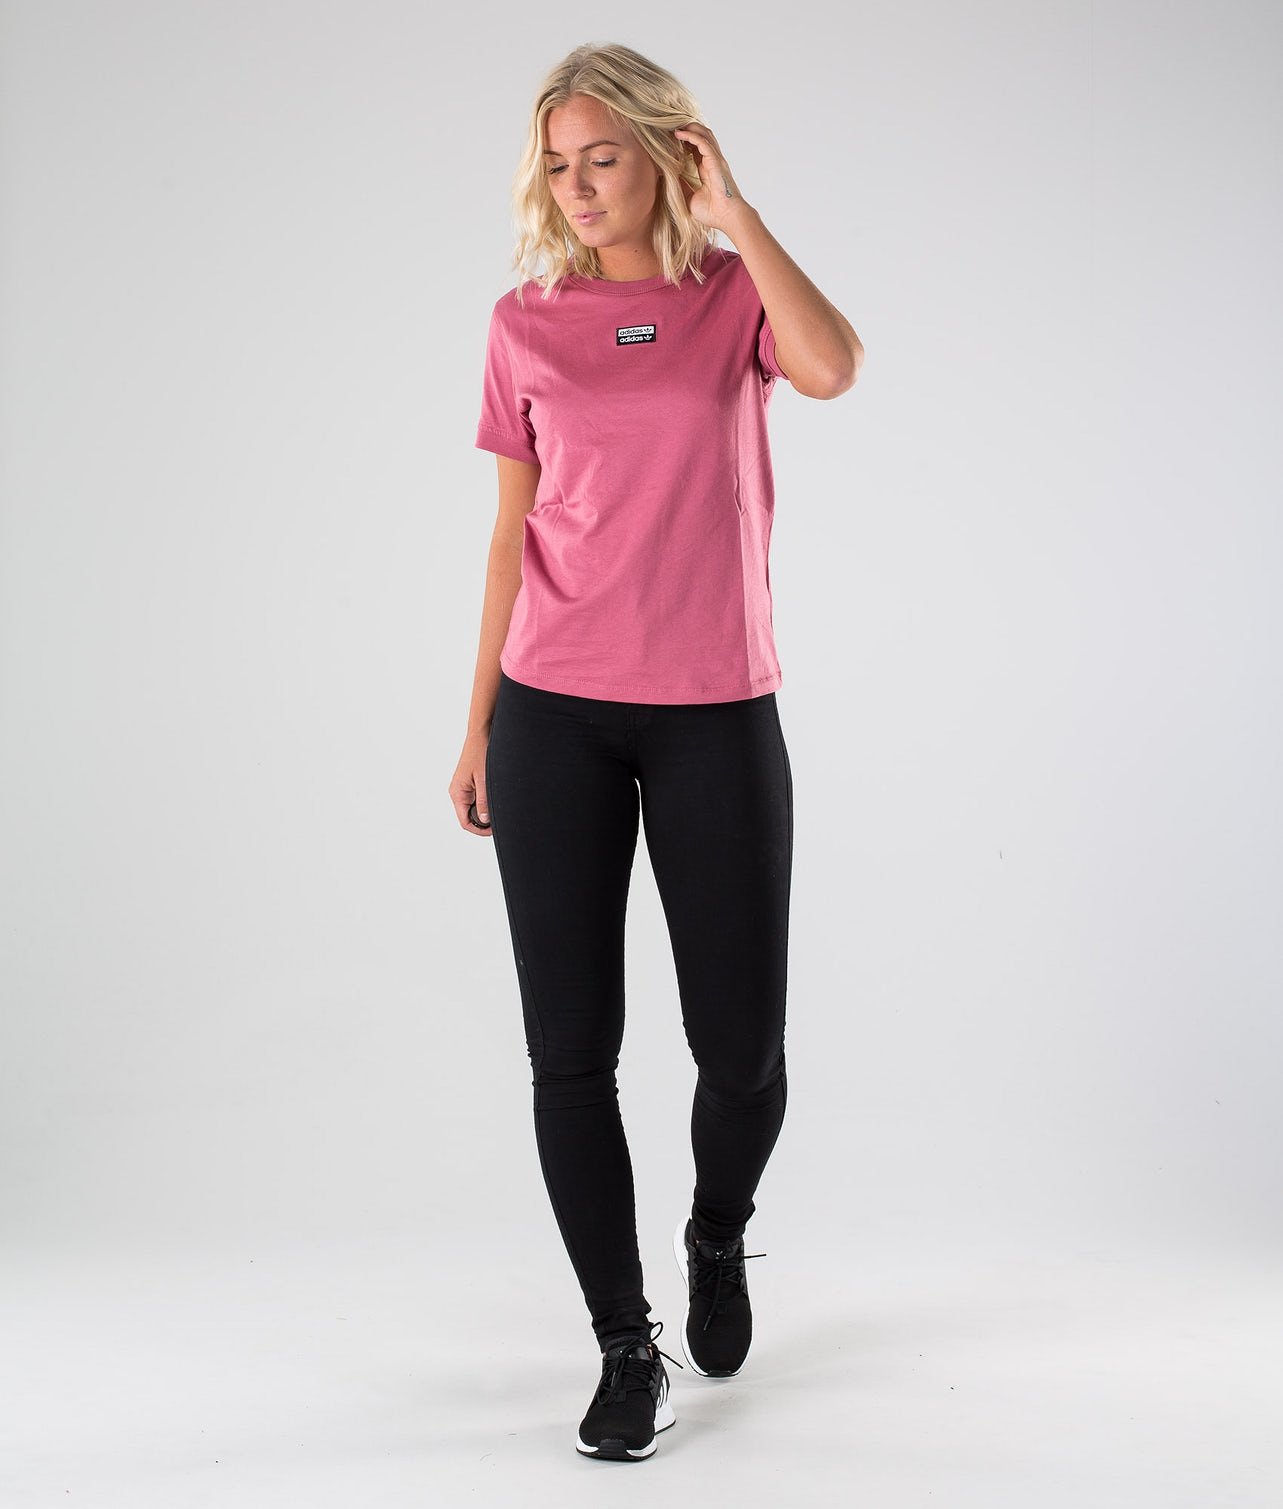 Kjøp T Shirt T-shirt fra Adidas Originals på Ridestore.no - Hos oss har du alltid fri frakt, fri retur og 30 dagers åpent kjøp!